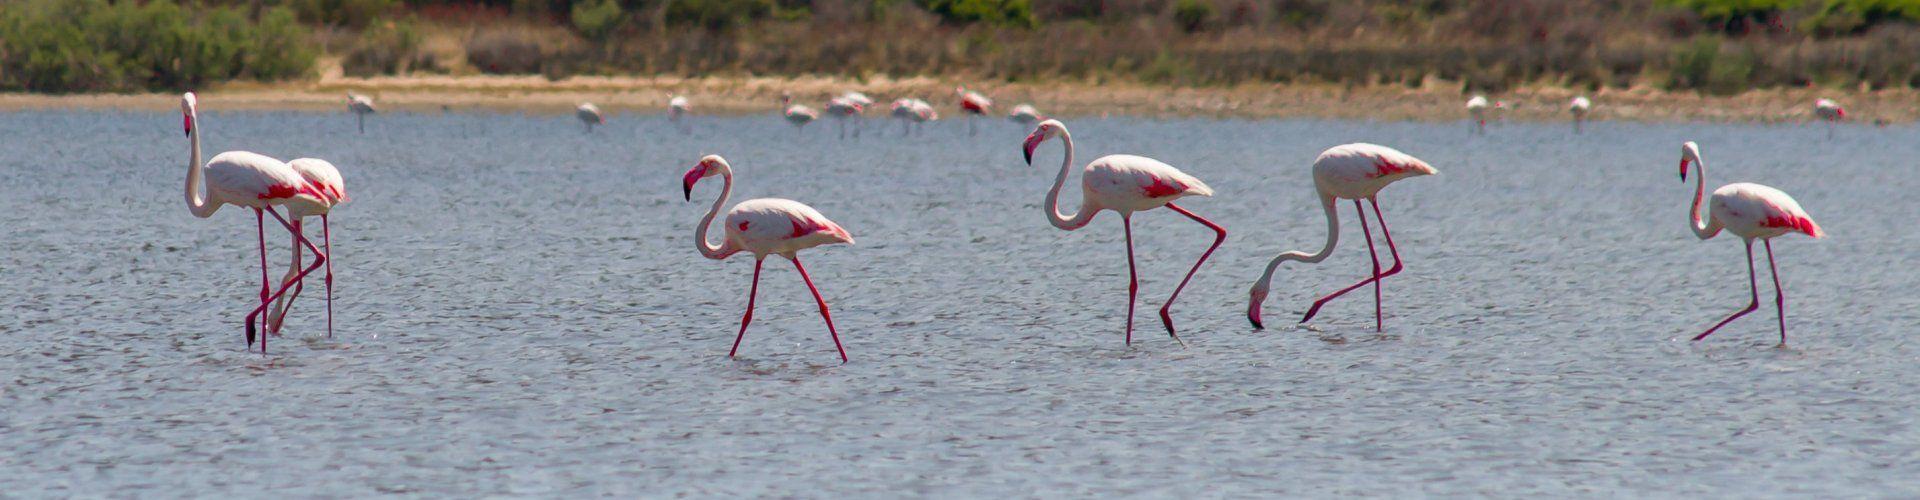 Fenicotteri sguazzano nella laguna di Torresalinas